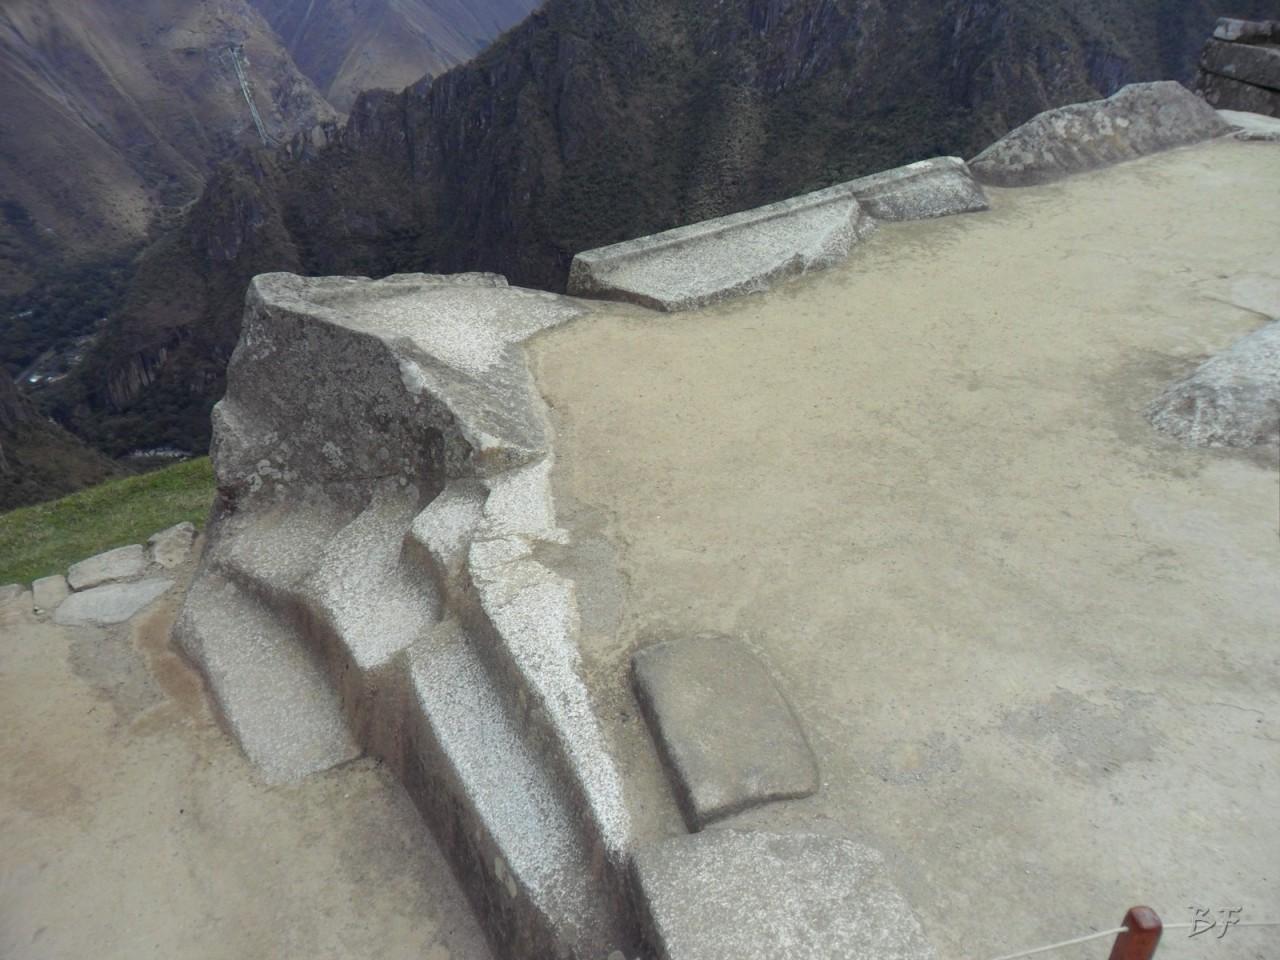 Mura-Poligonali-Incisioni-Altari-Edifici-Rupestri-Megaliti-Machu-Picchu-Aguas-Calientes-Urubamba-Cusco-Perù-121